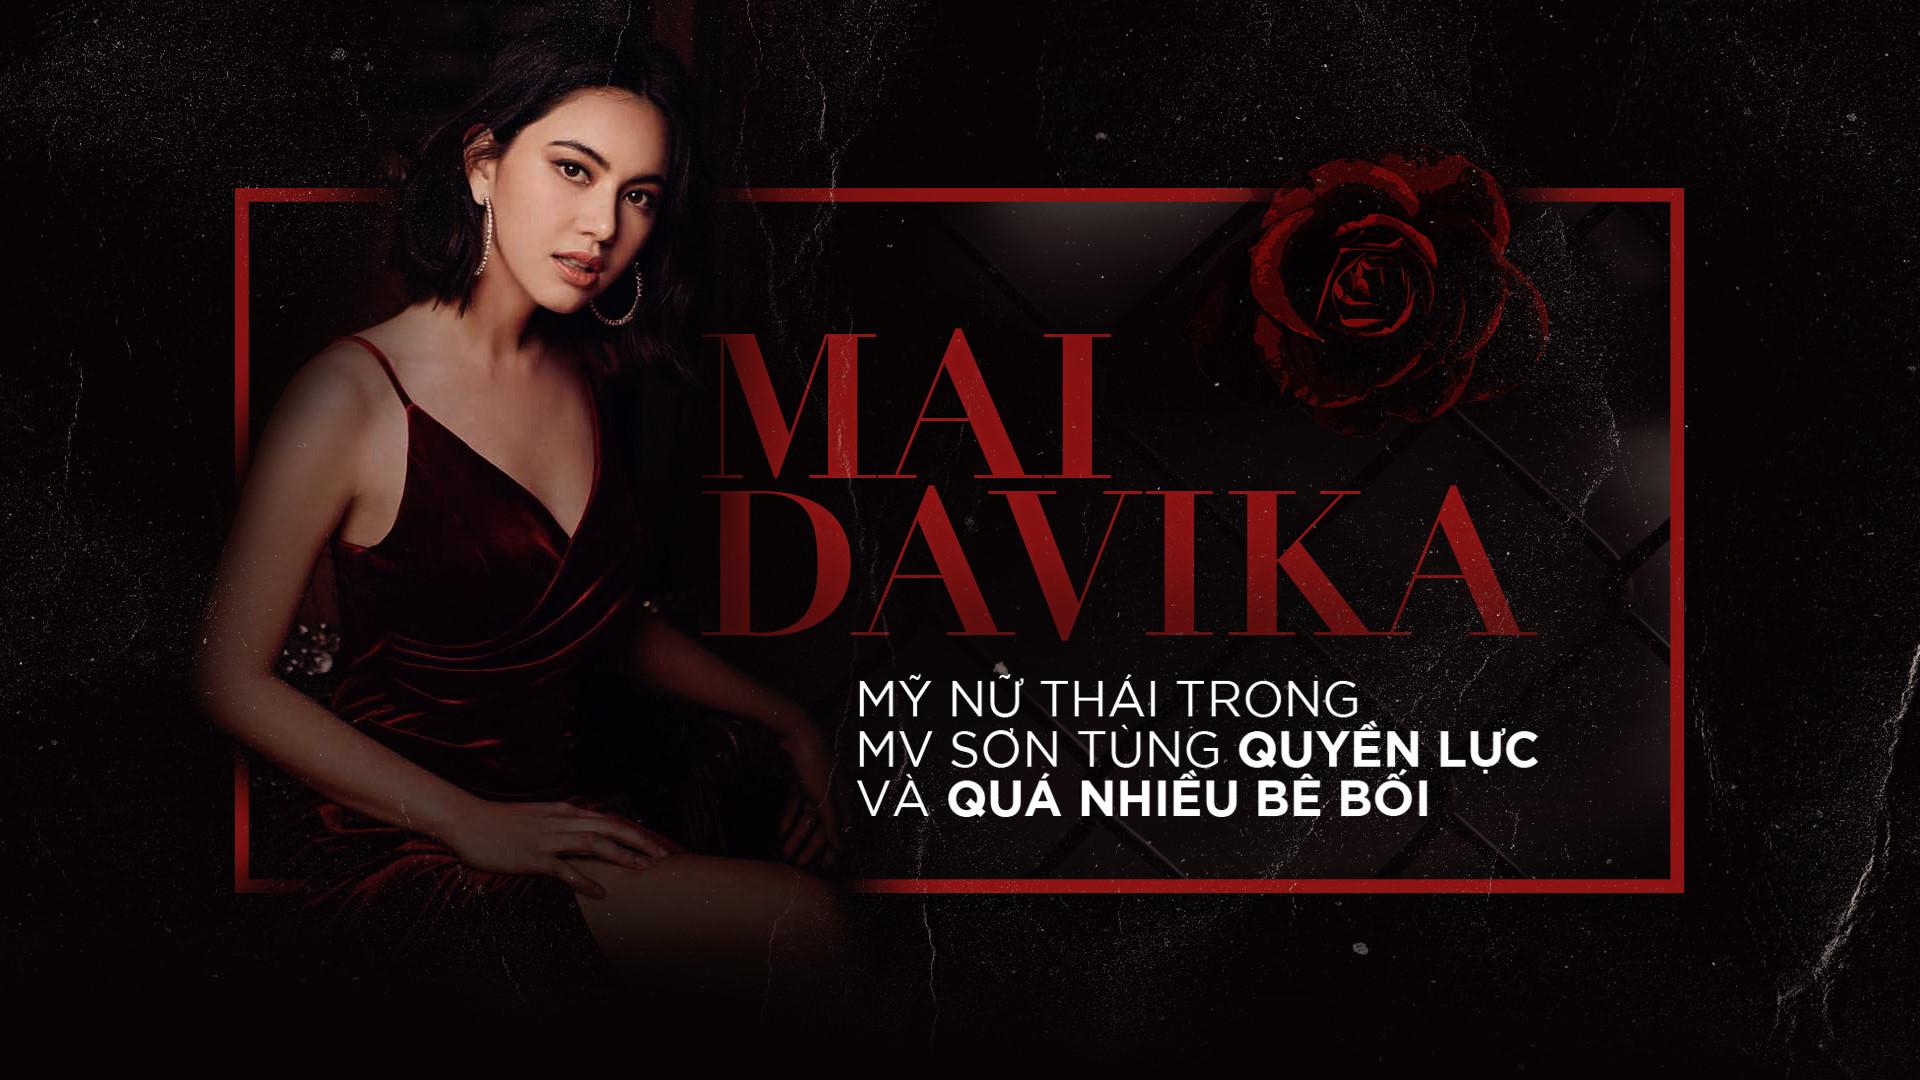 Mai Davika - Mỹ nữ Thái trong MV Sơn Tùng quyền lực và nhiều bê bối